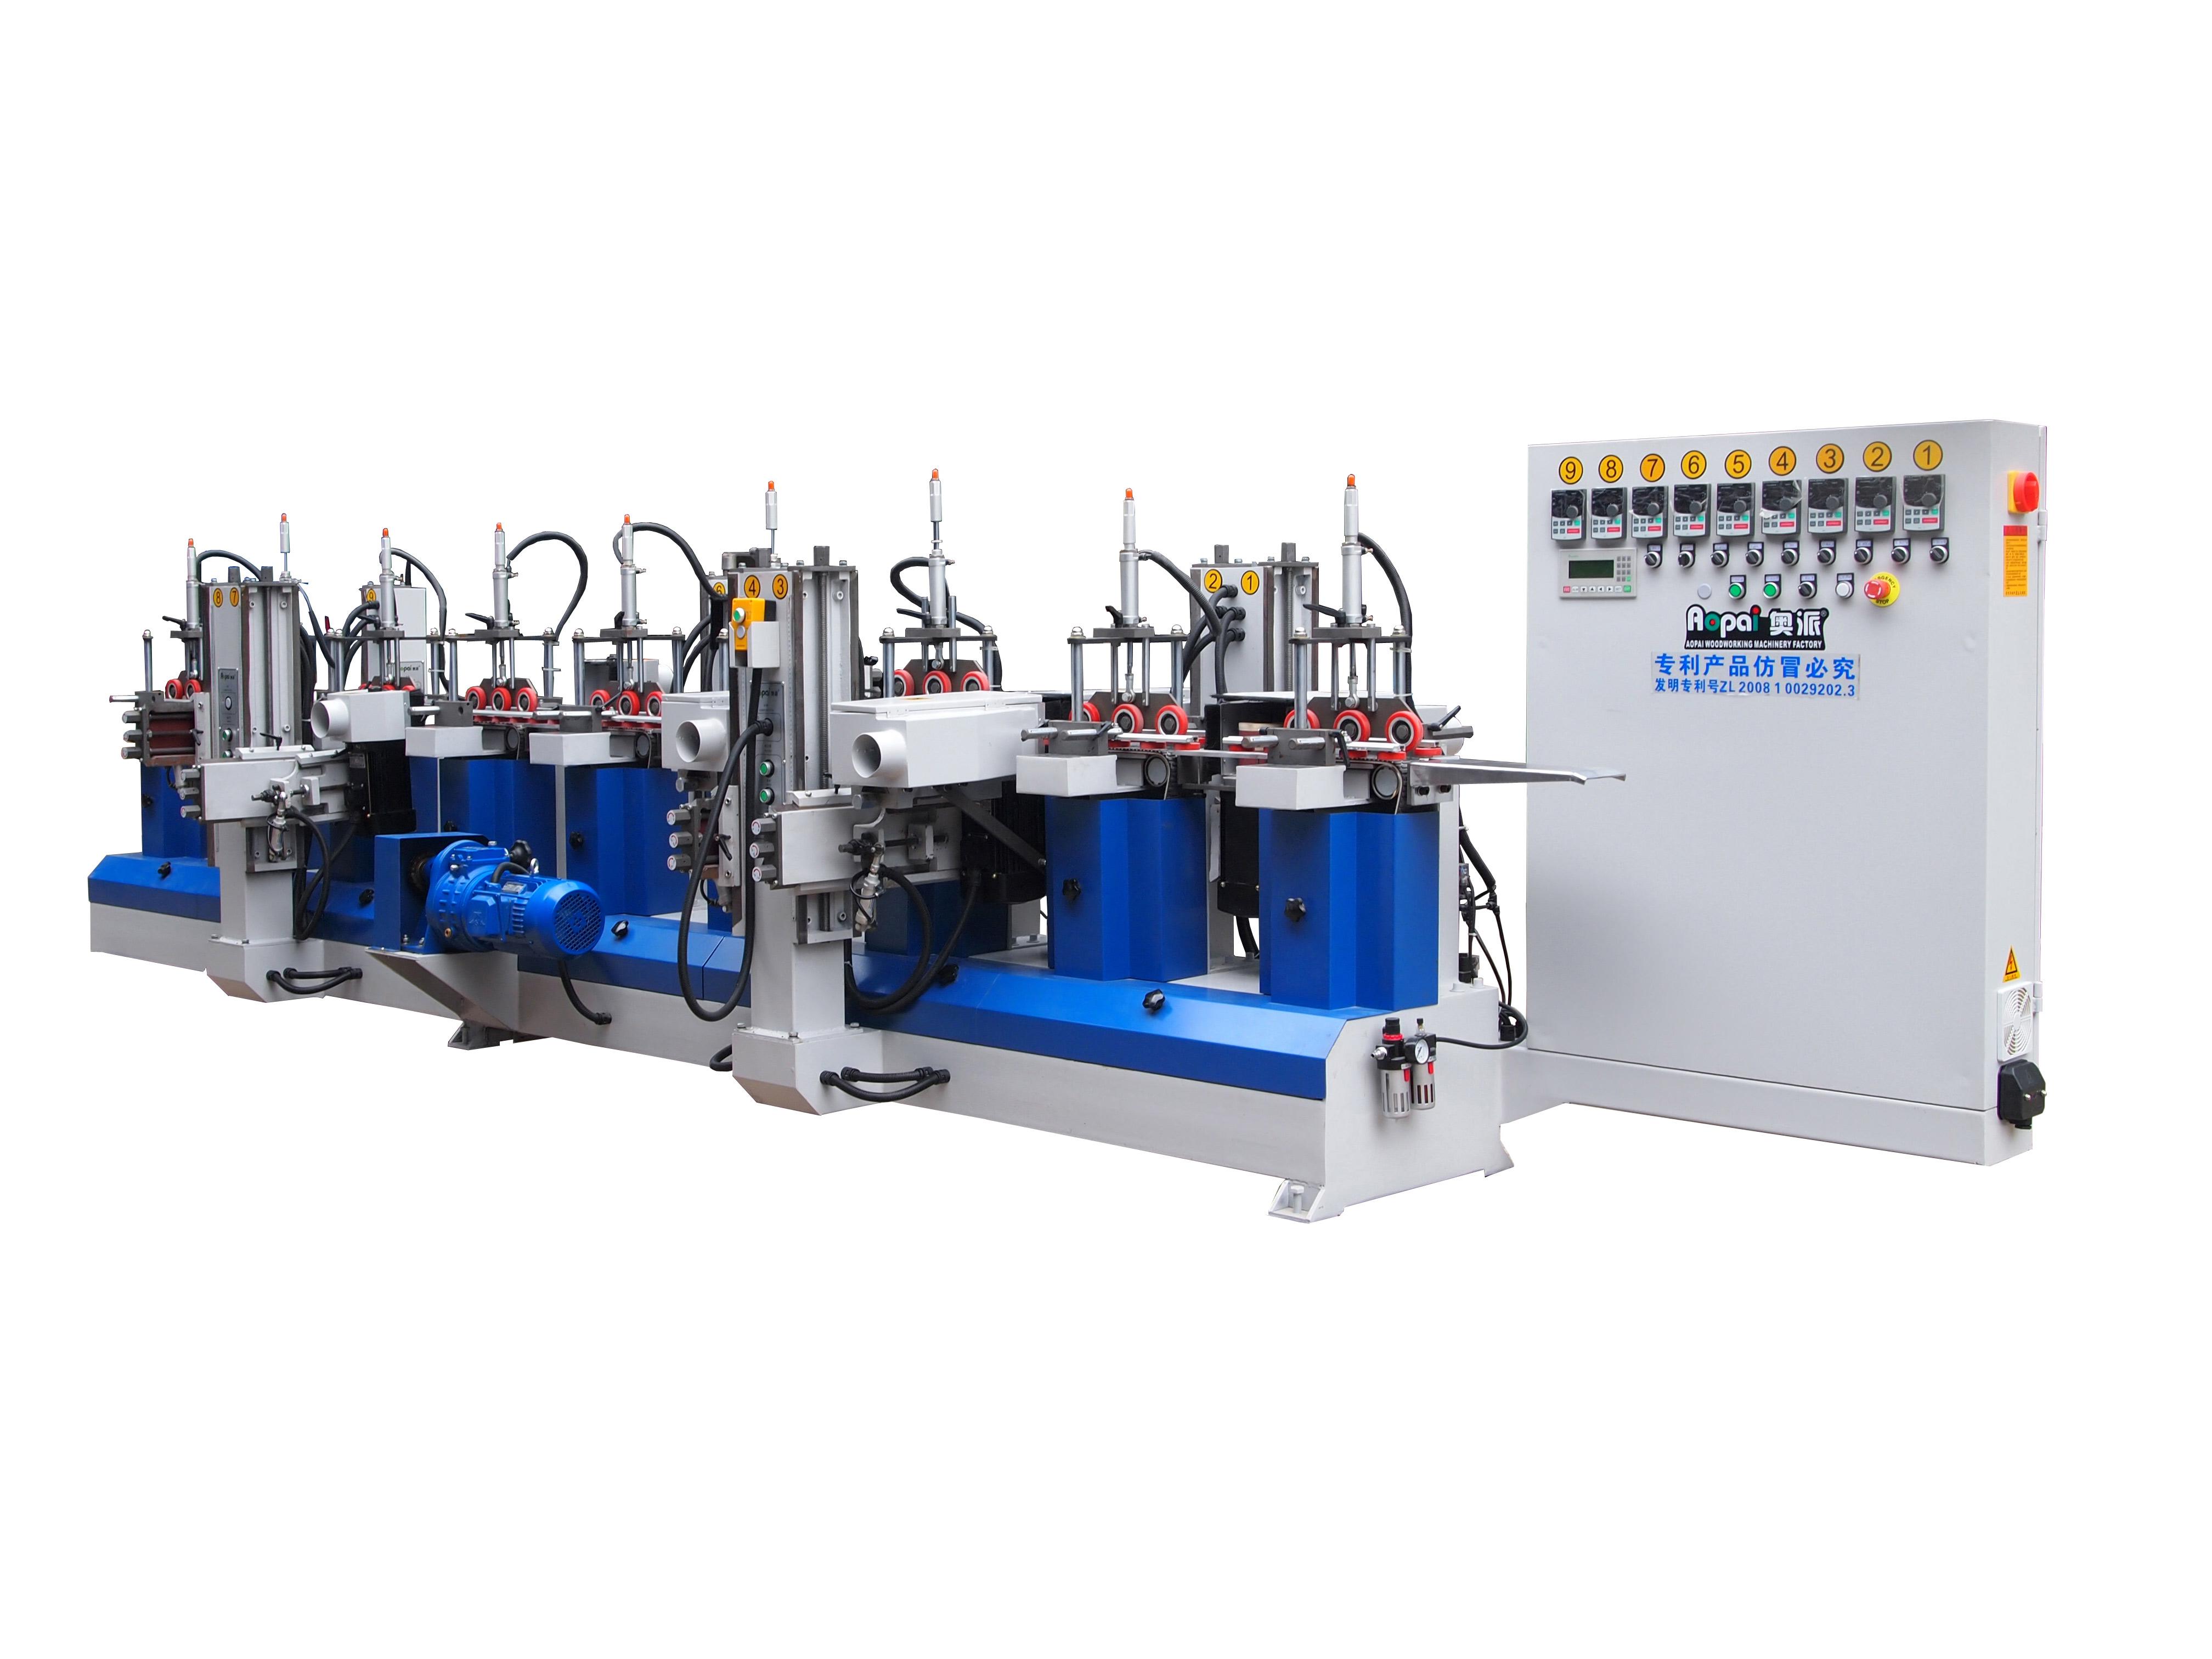 奥派 专利款砂光机 采用多点分段多角度压料方式 木工机械设备生产产家 4H5W 异形线条砂光机